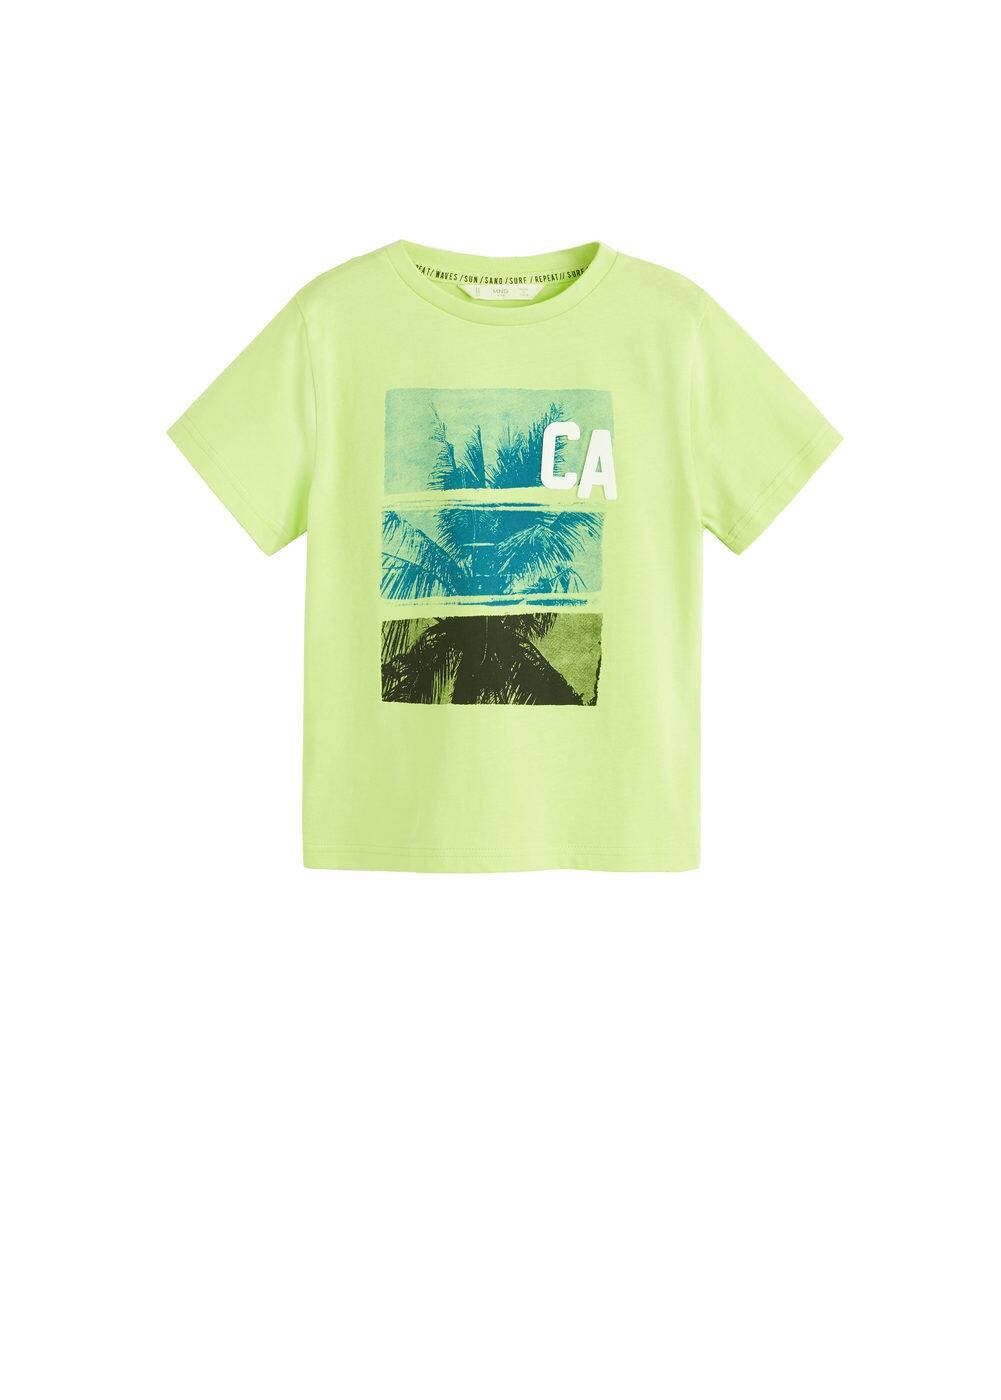 o-carlos:camiseta estampada letras relieve